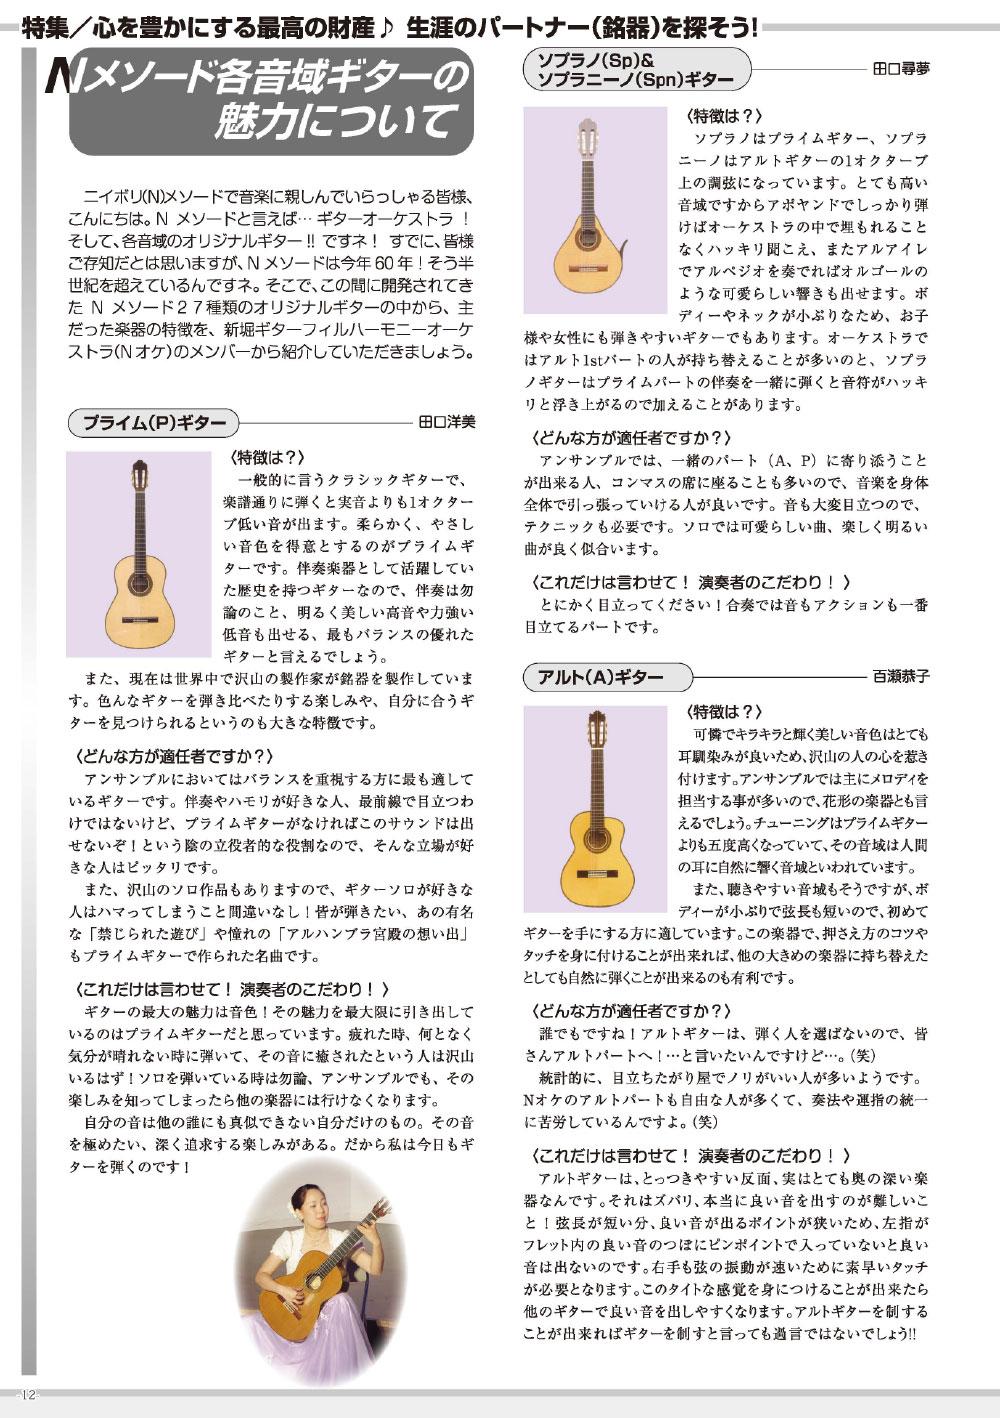 合奏用ギターの魅力を語る